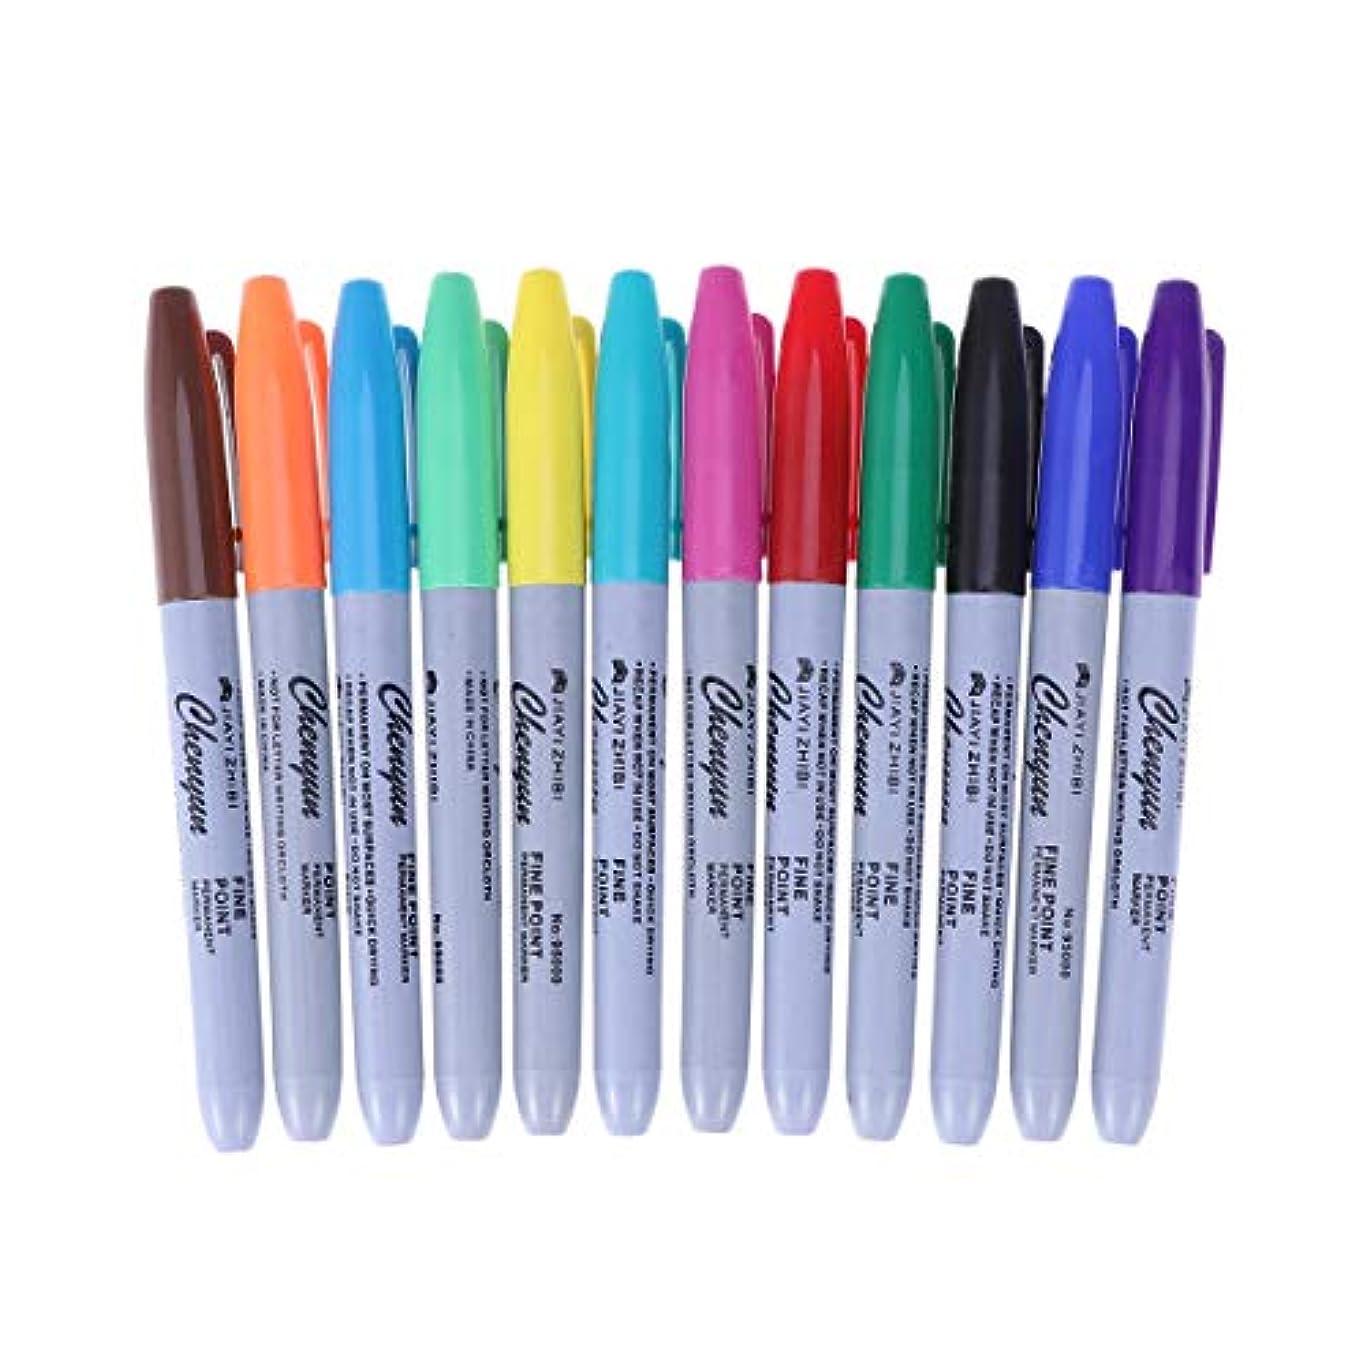 たらい反毒コンパスHealifty タトゥーペン防水高品質マーカーペン12色スキンマーカーペンスクライブツールタトゥー用品24ピース